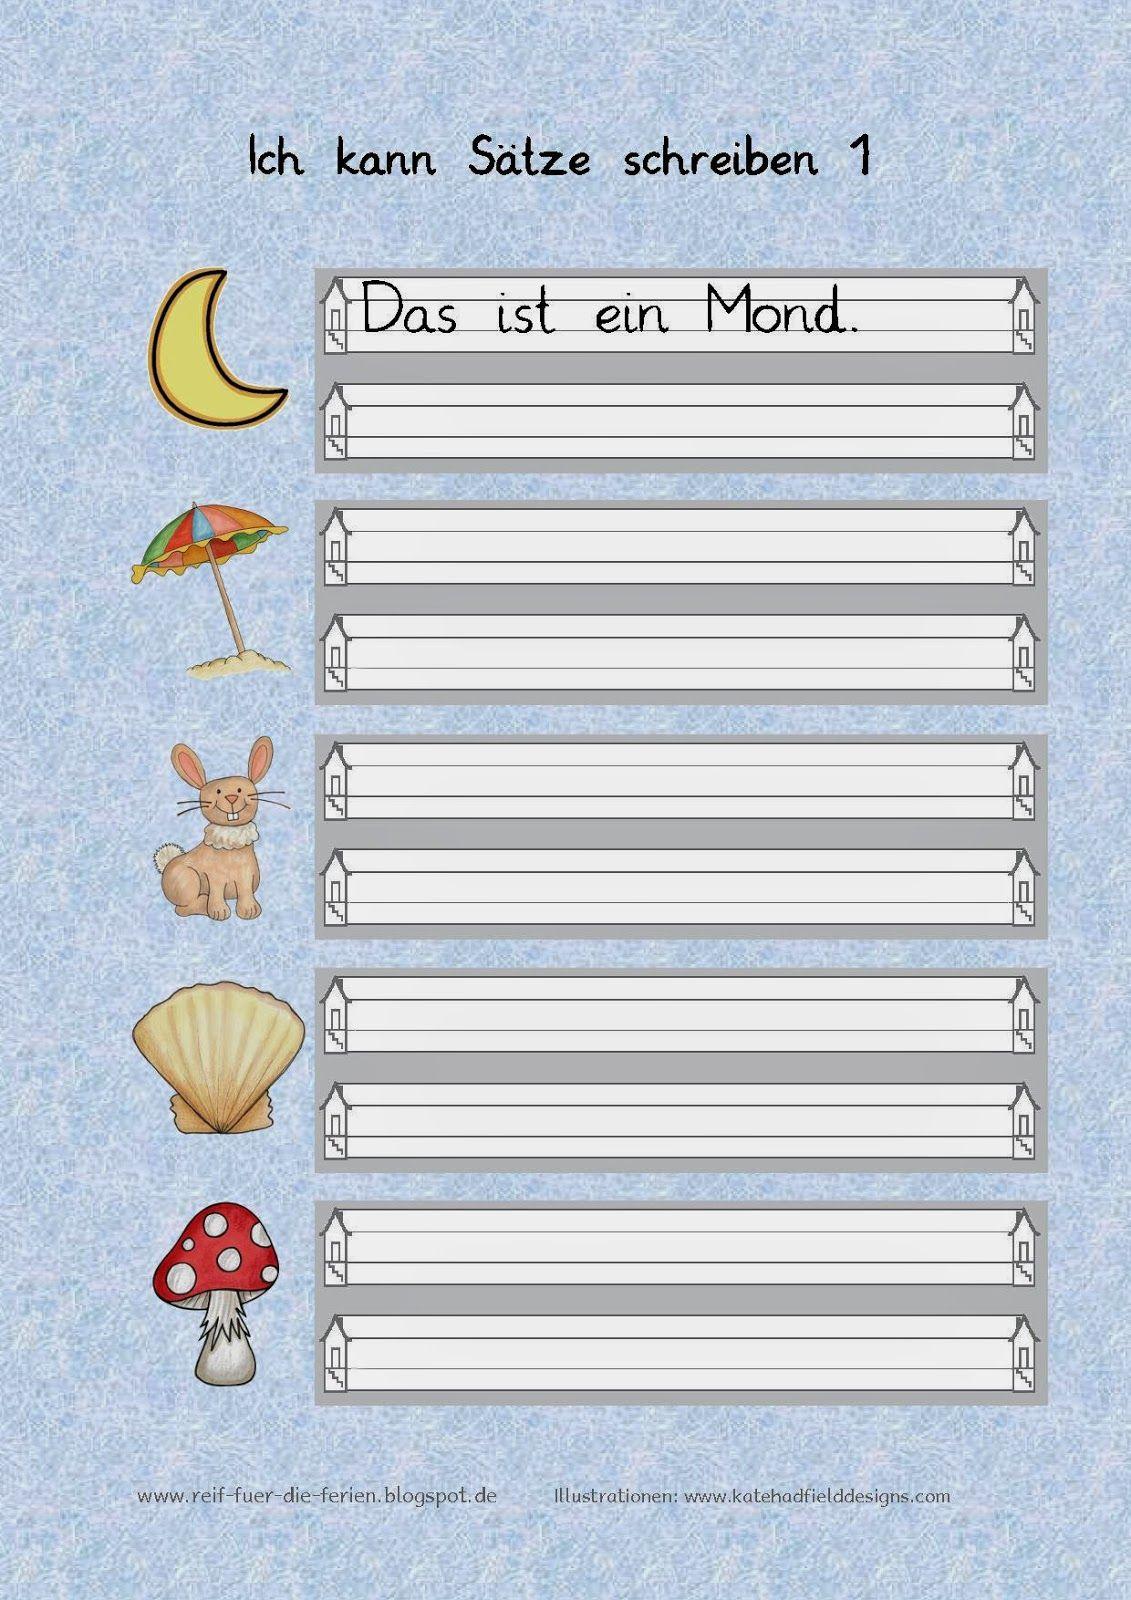 Reif für die Ferien: Ich kann Sätze schreiben - Arbeitsblatt 1-3 ...